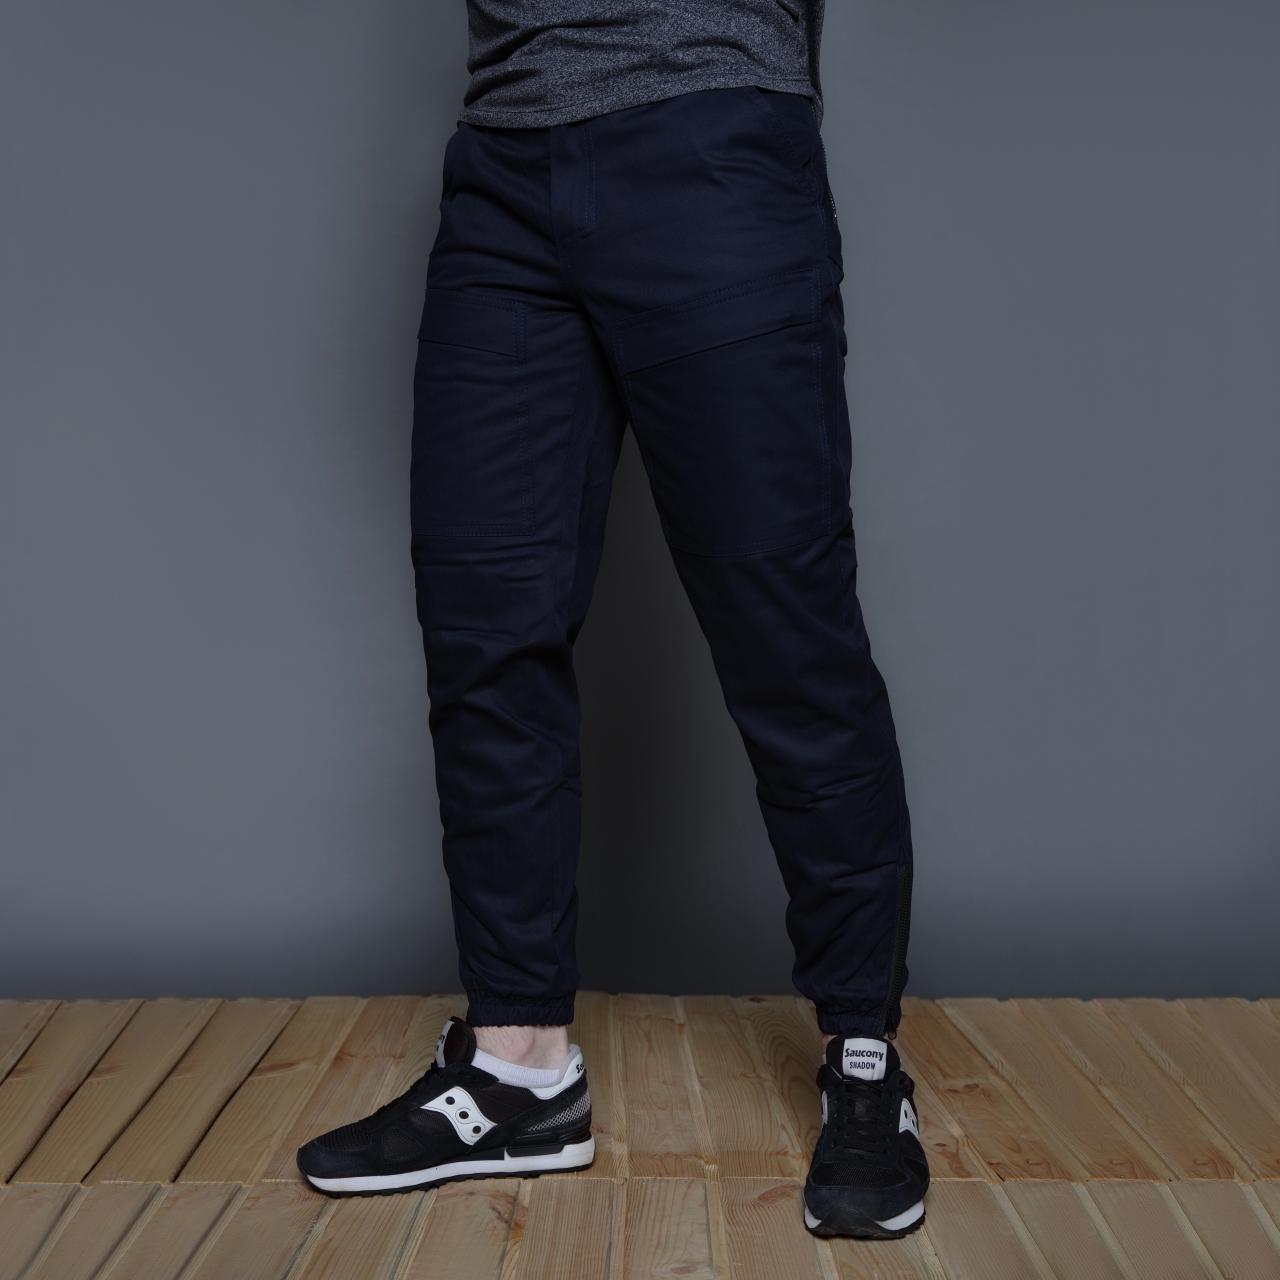 Теплые штаны карго на флисе мужские темно-синие бренд ТУР модель Тор (Thor) размер S, M, L, XL, XXL